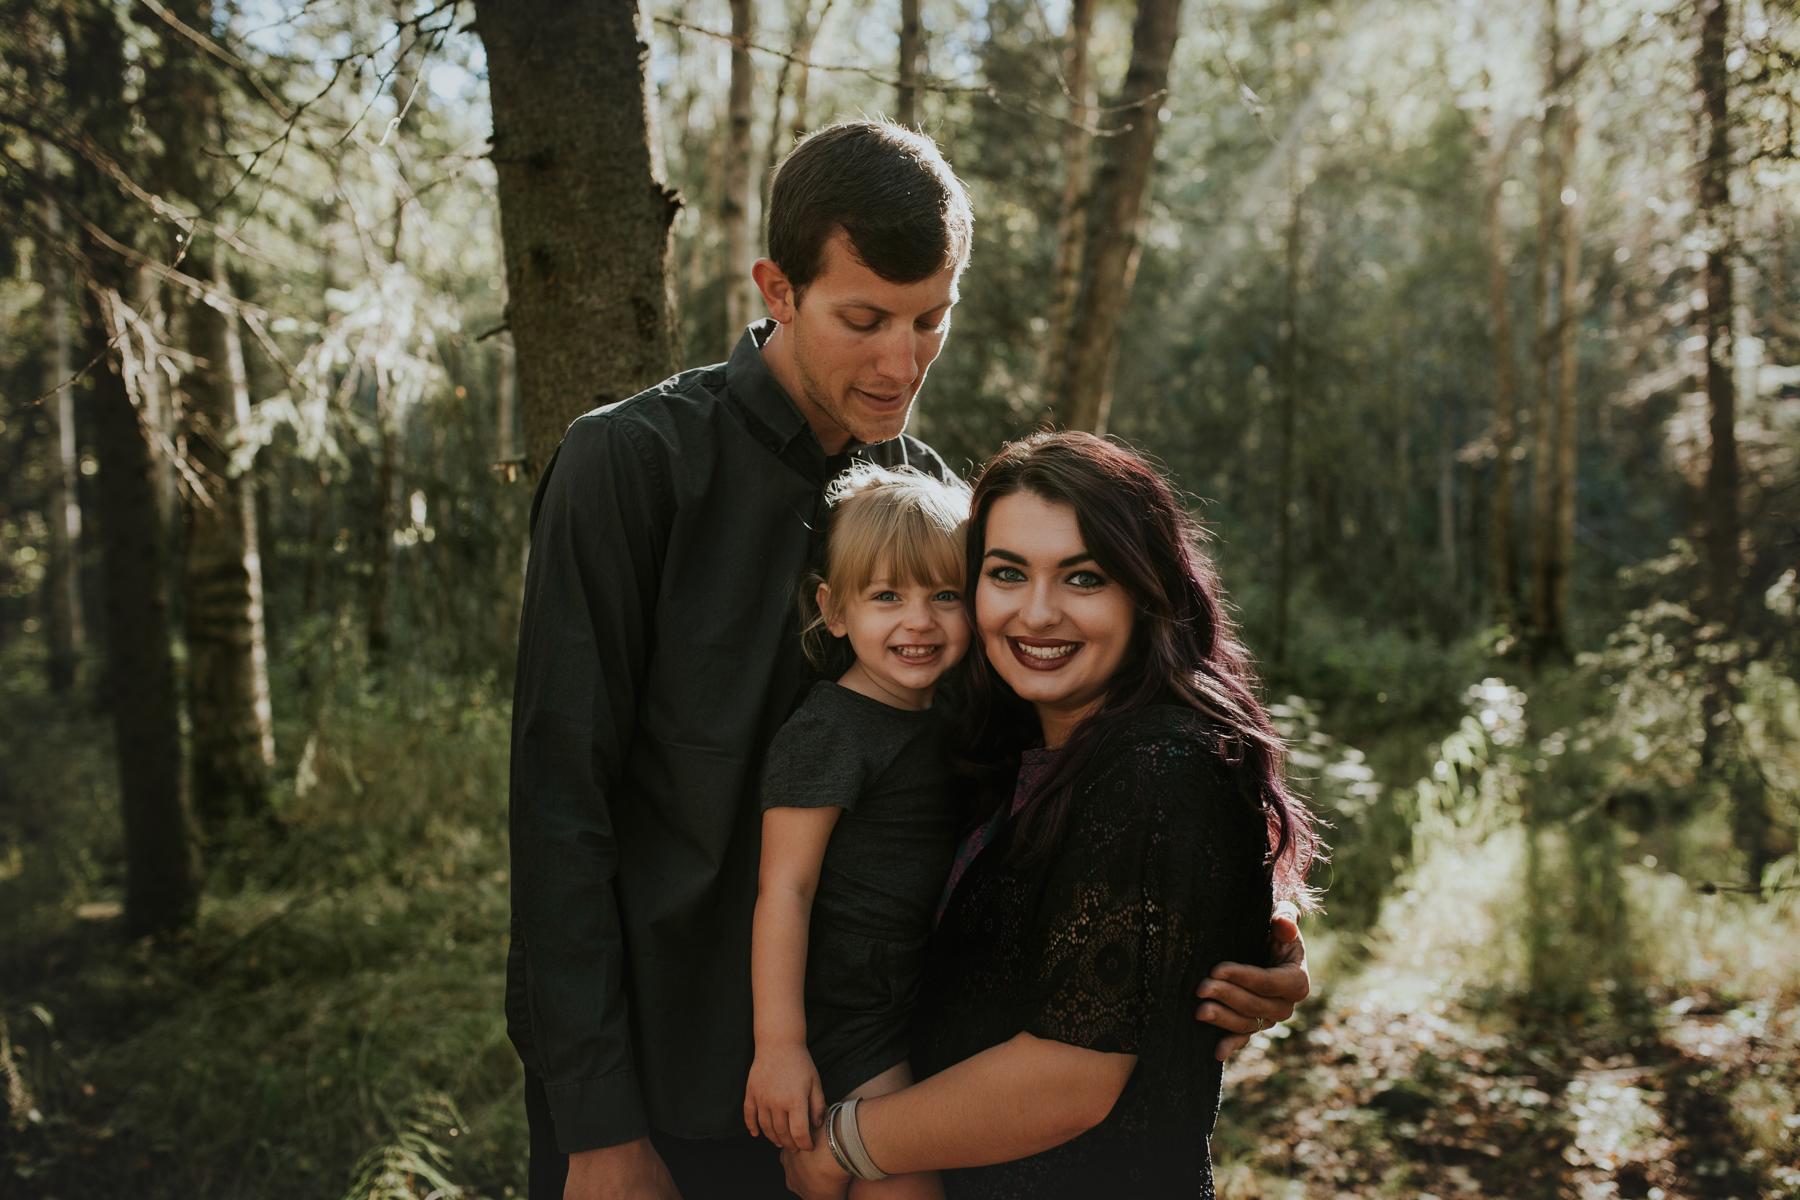 40eagleriveralasksafamilyphotographer.jpg